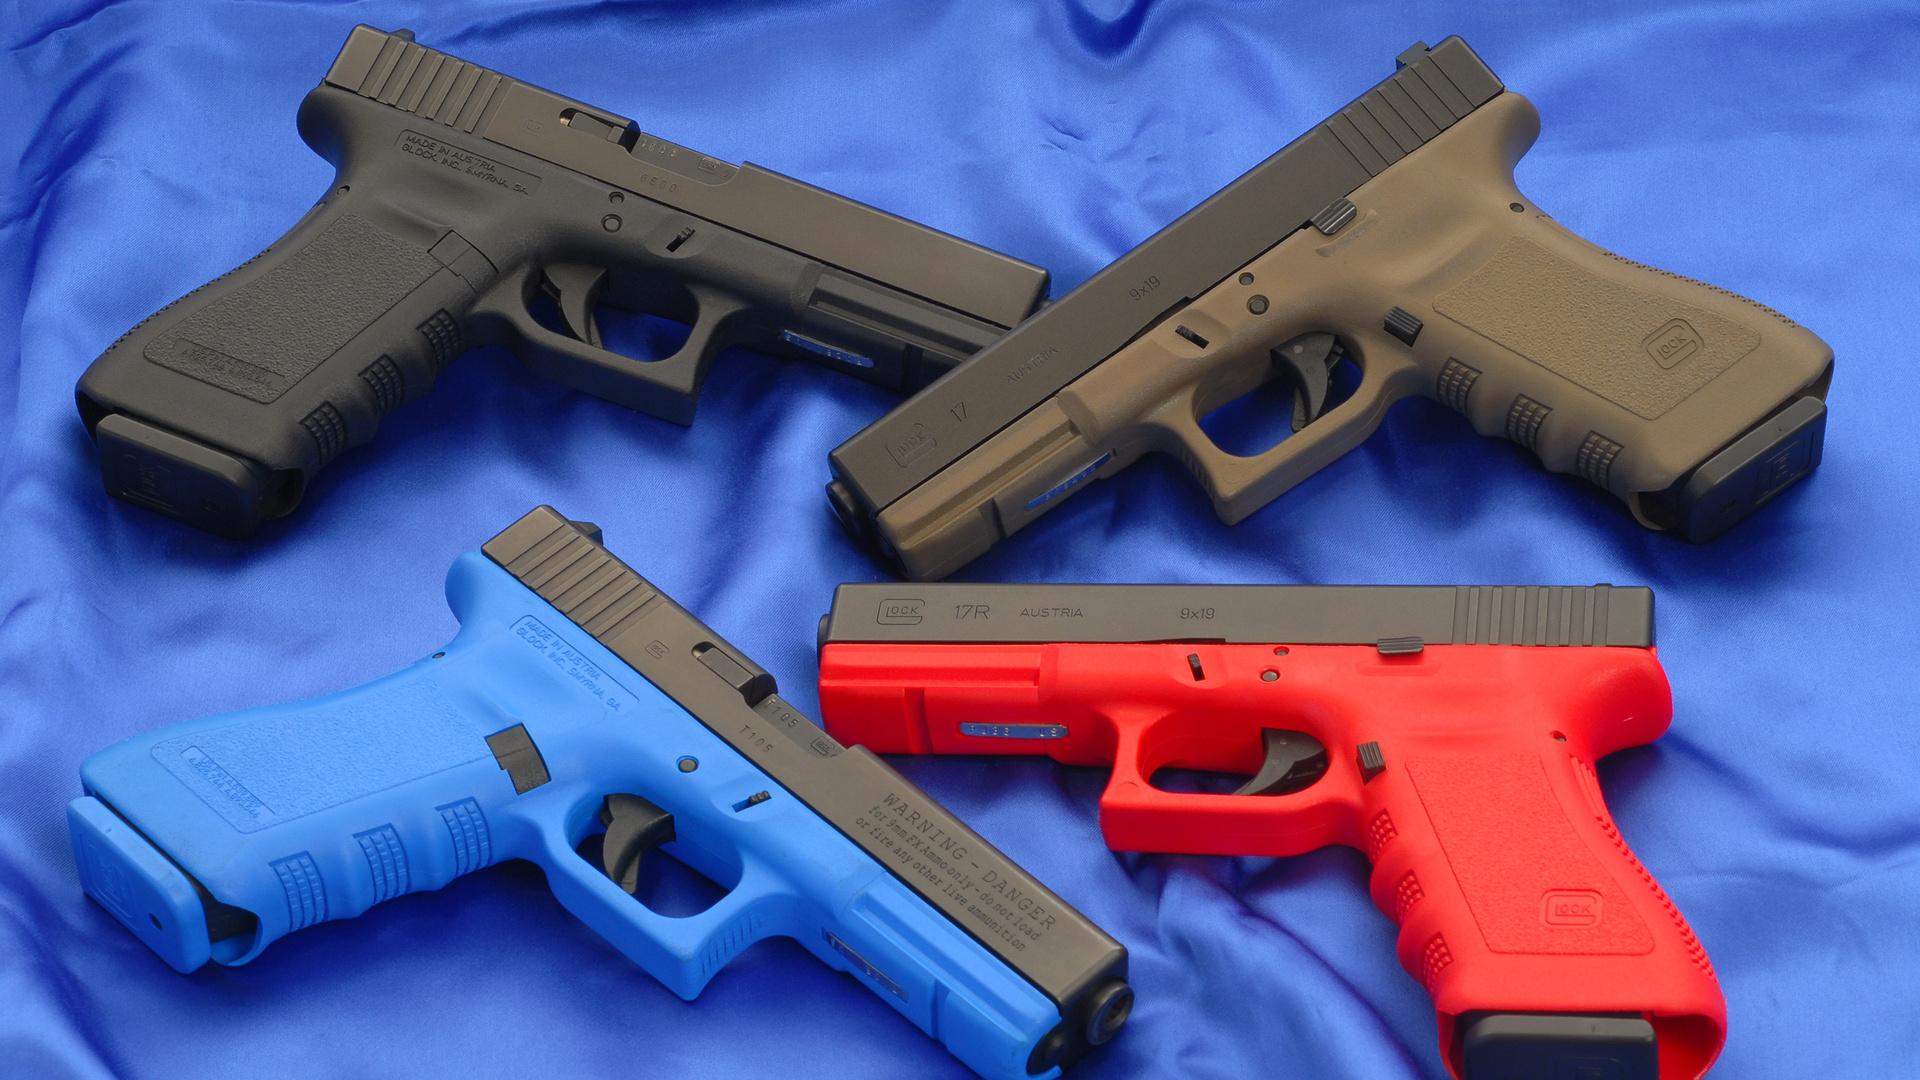 Пистолет Глок на синем обои скачать